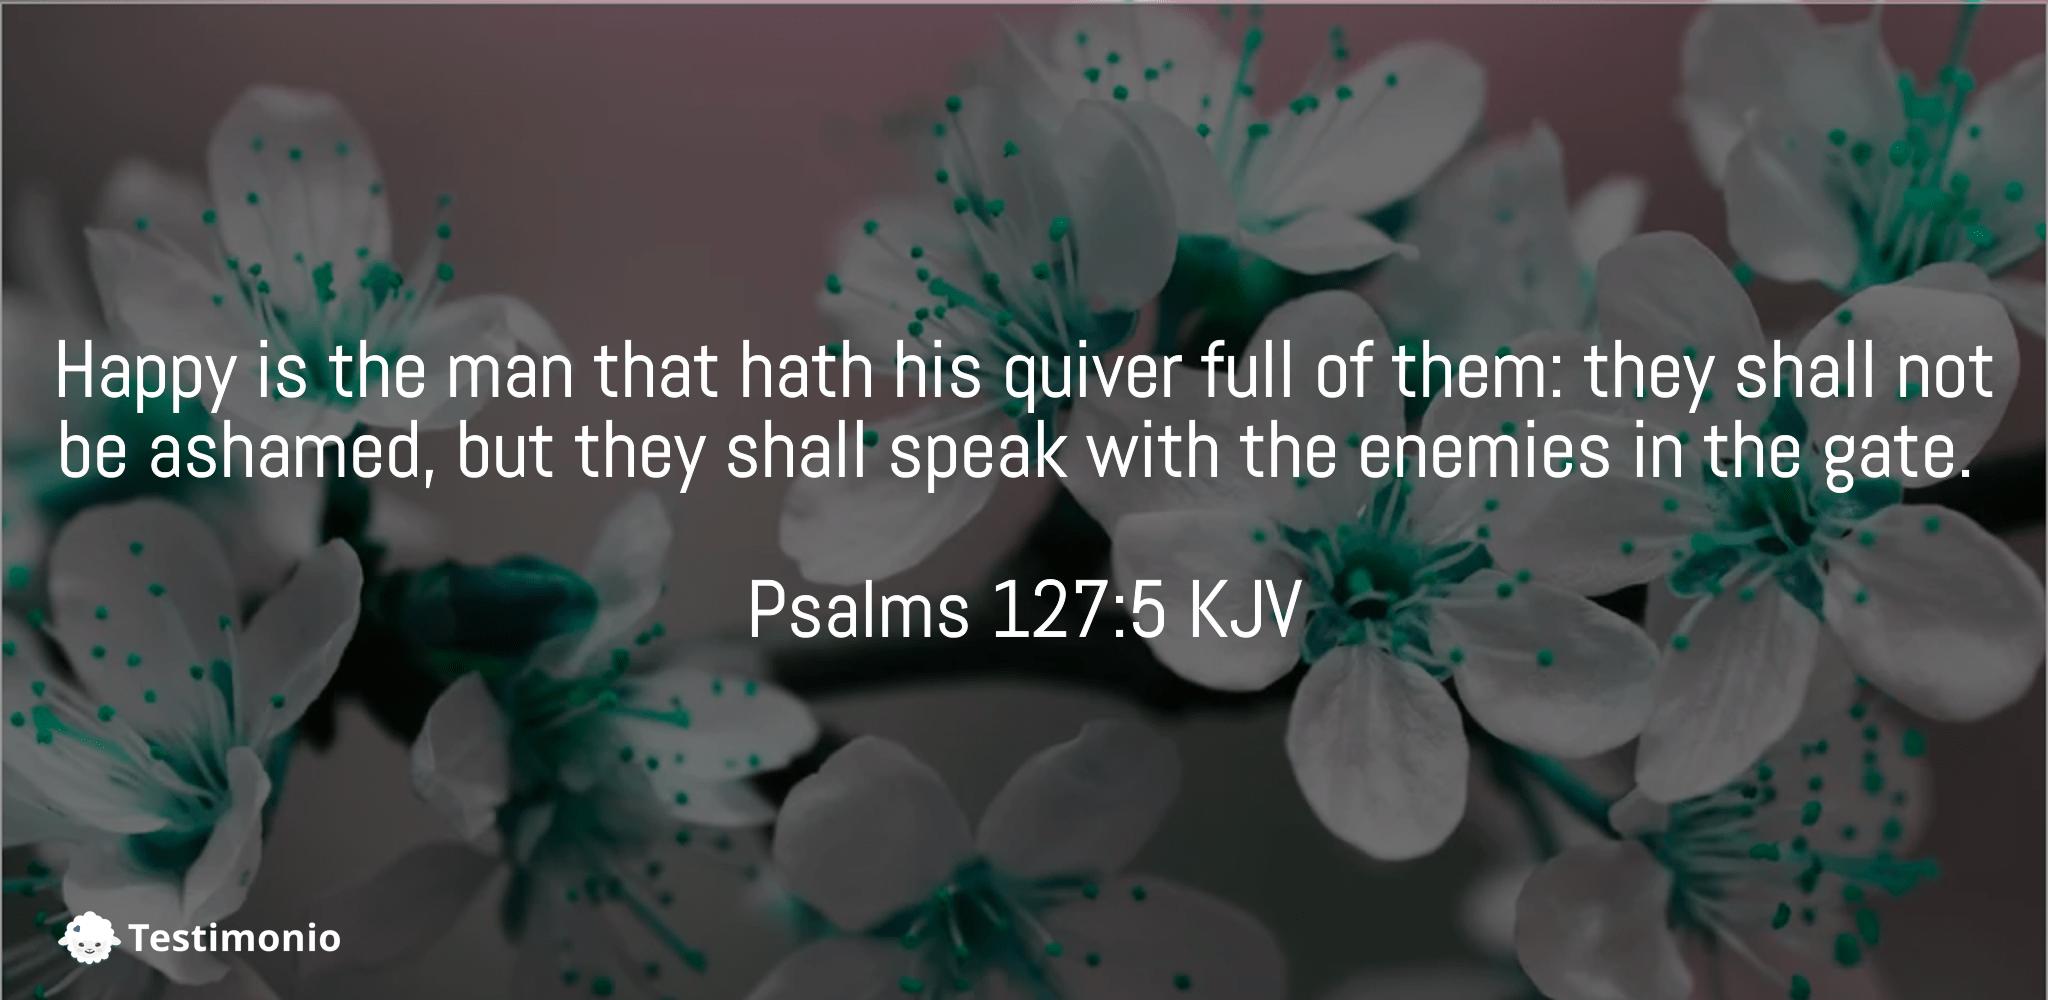 Psalms 127:5